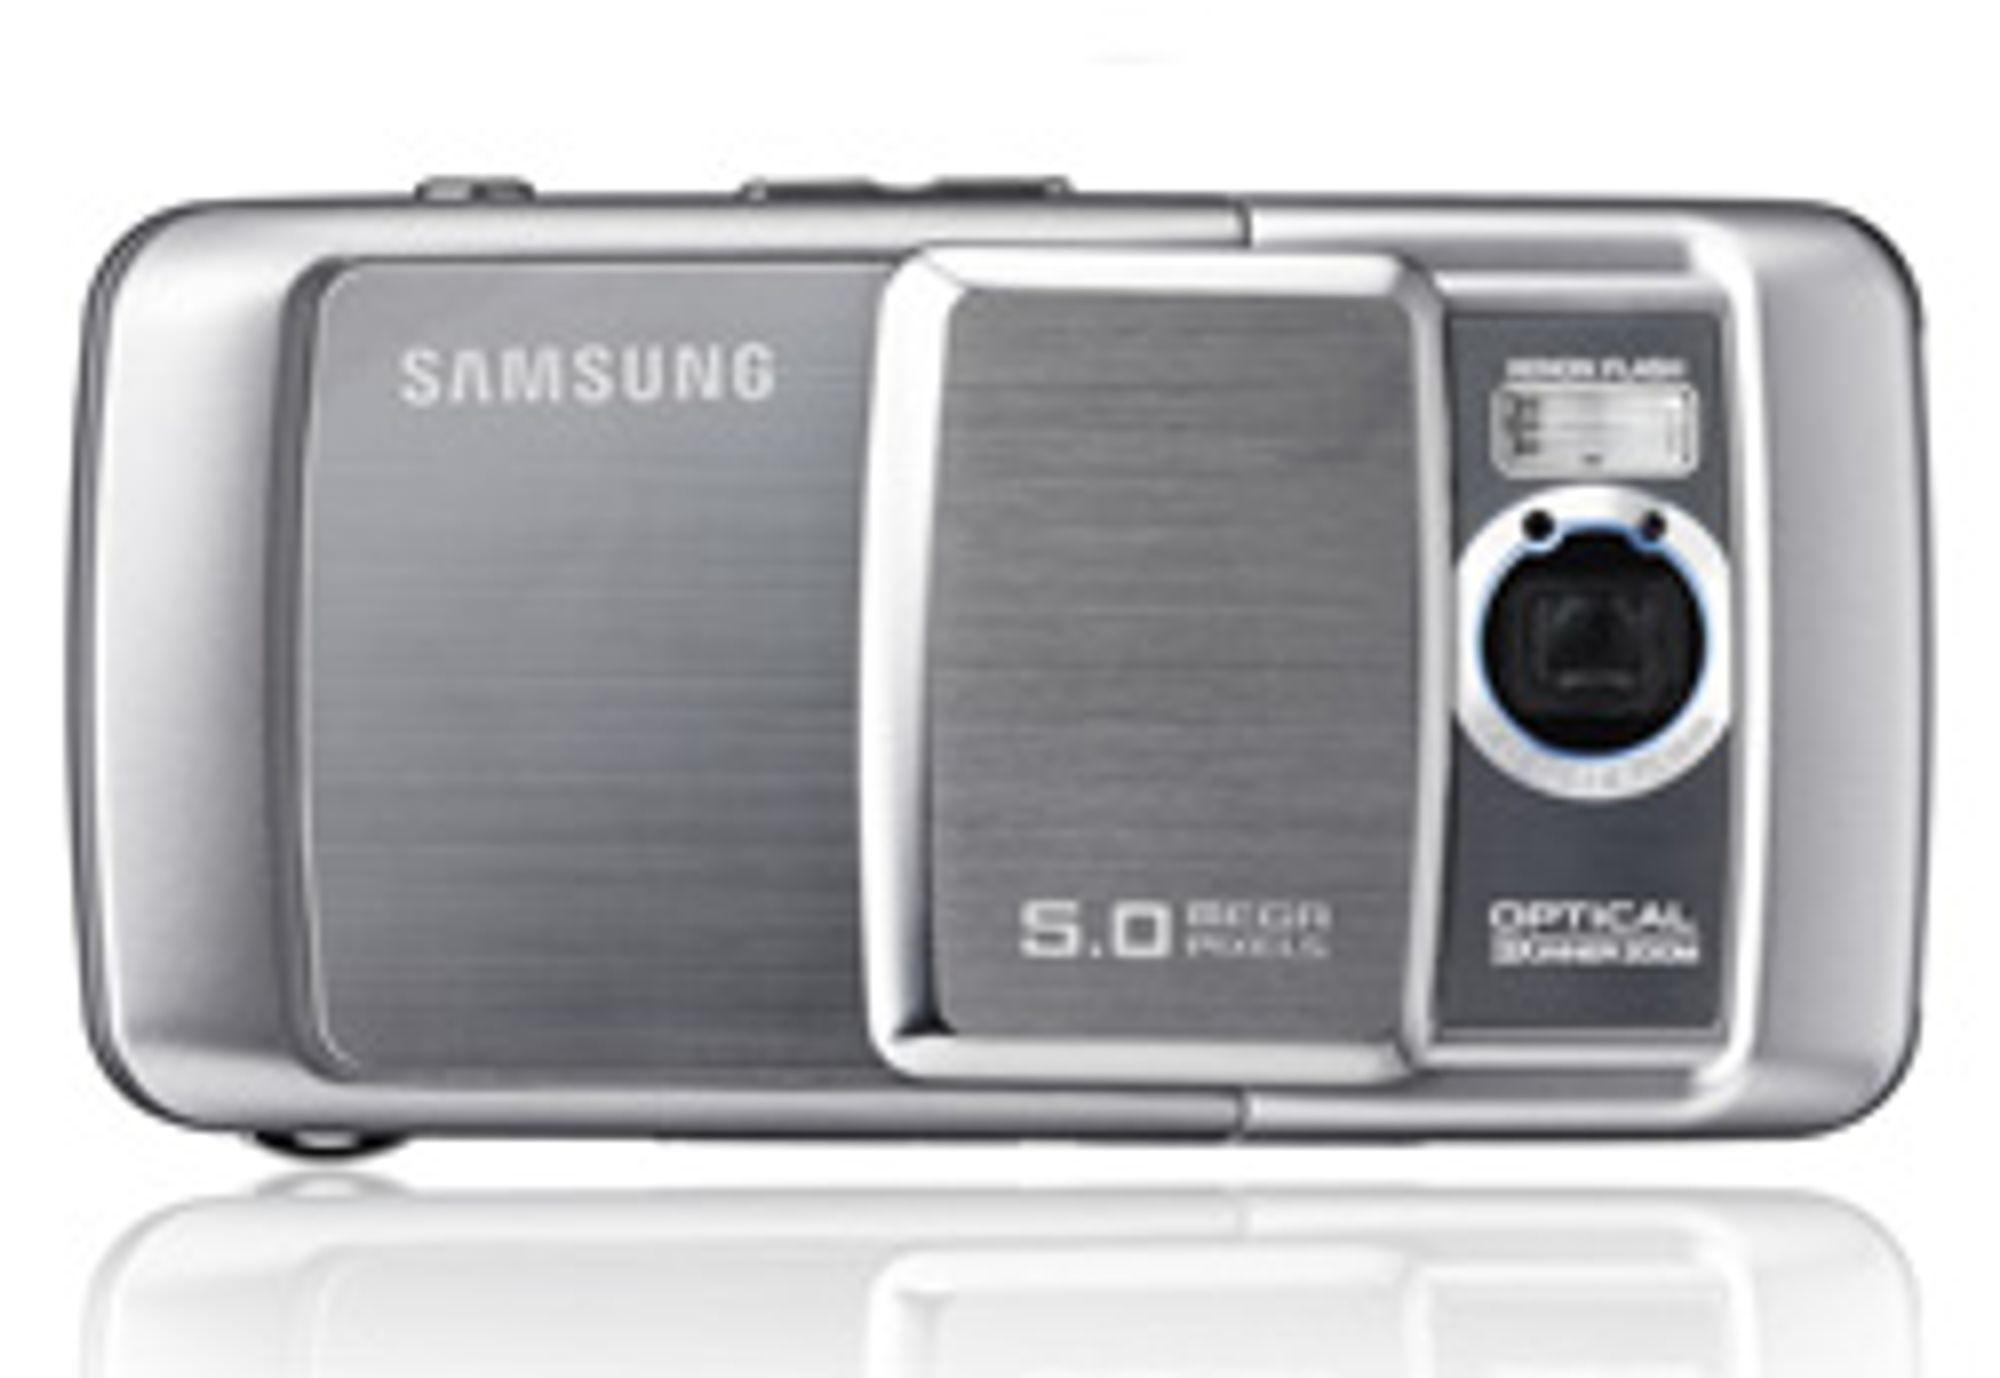 Samsung lager mobilkamera med 8 megapiksler. Om optikken blir bedre er et annet spørsmål. (Foto: Samsung)